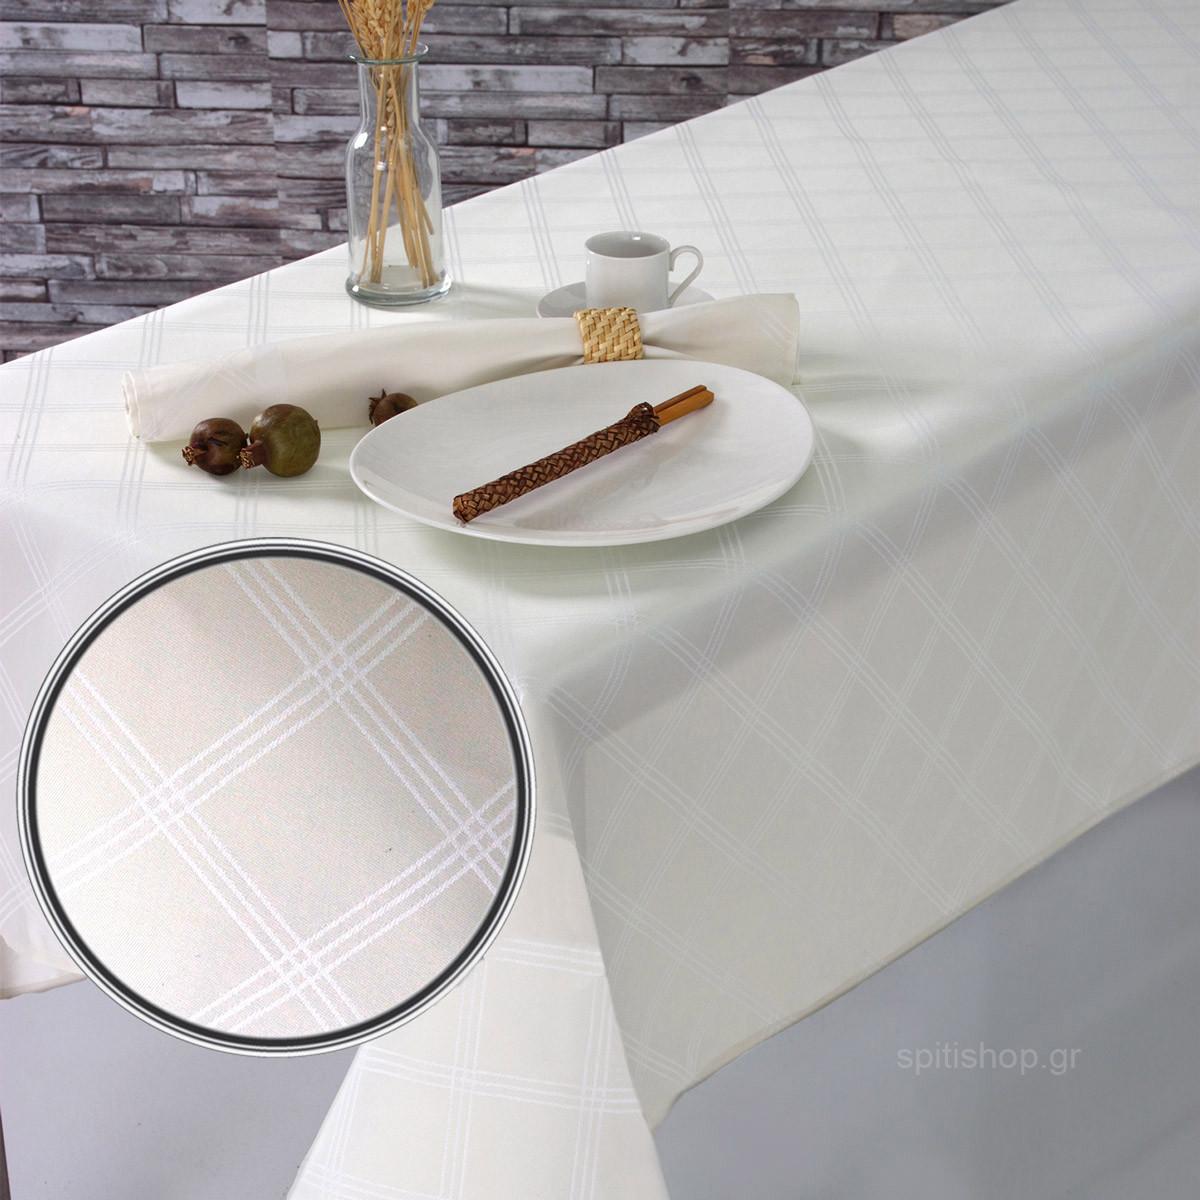 Τραπεζομάντηλο (140x250) Sb Home Dine Cream